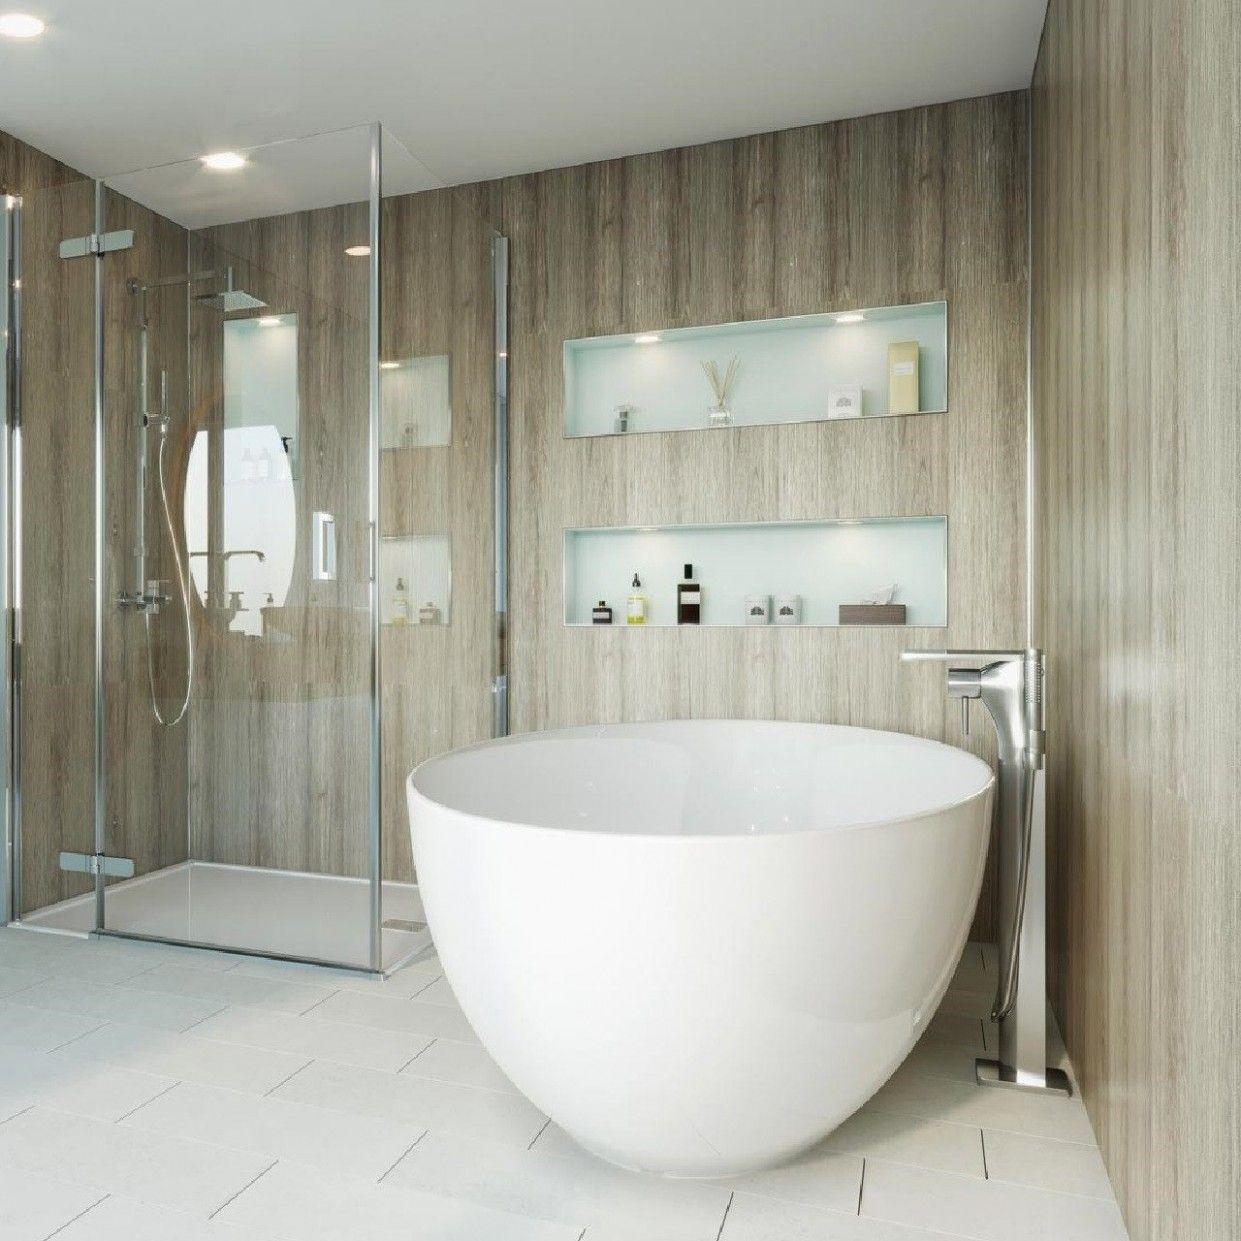 Bathroom Wall Panels Jewson In 2020 Bathroom Wall Panels Waterproof Bathroom Wall Panels Bathroom Wall